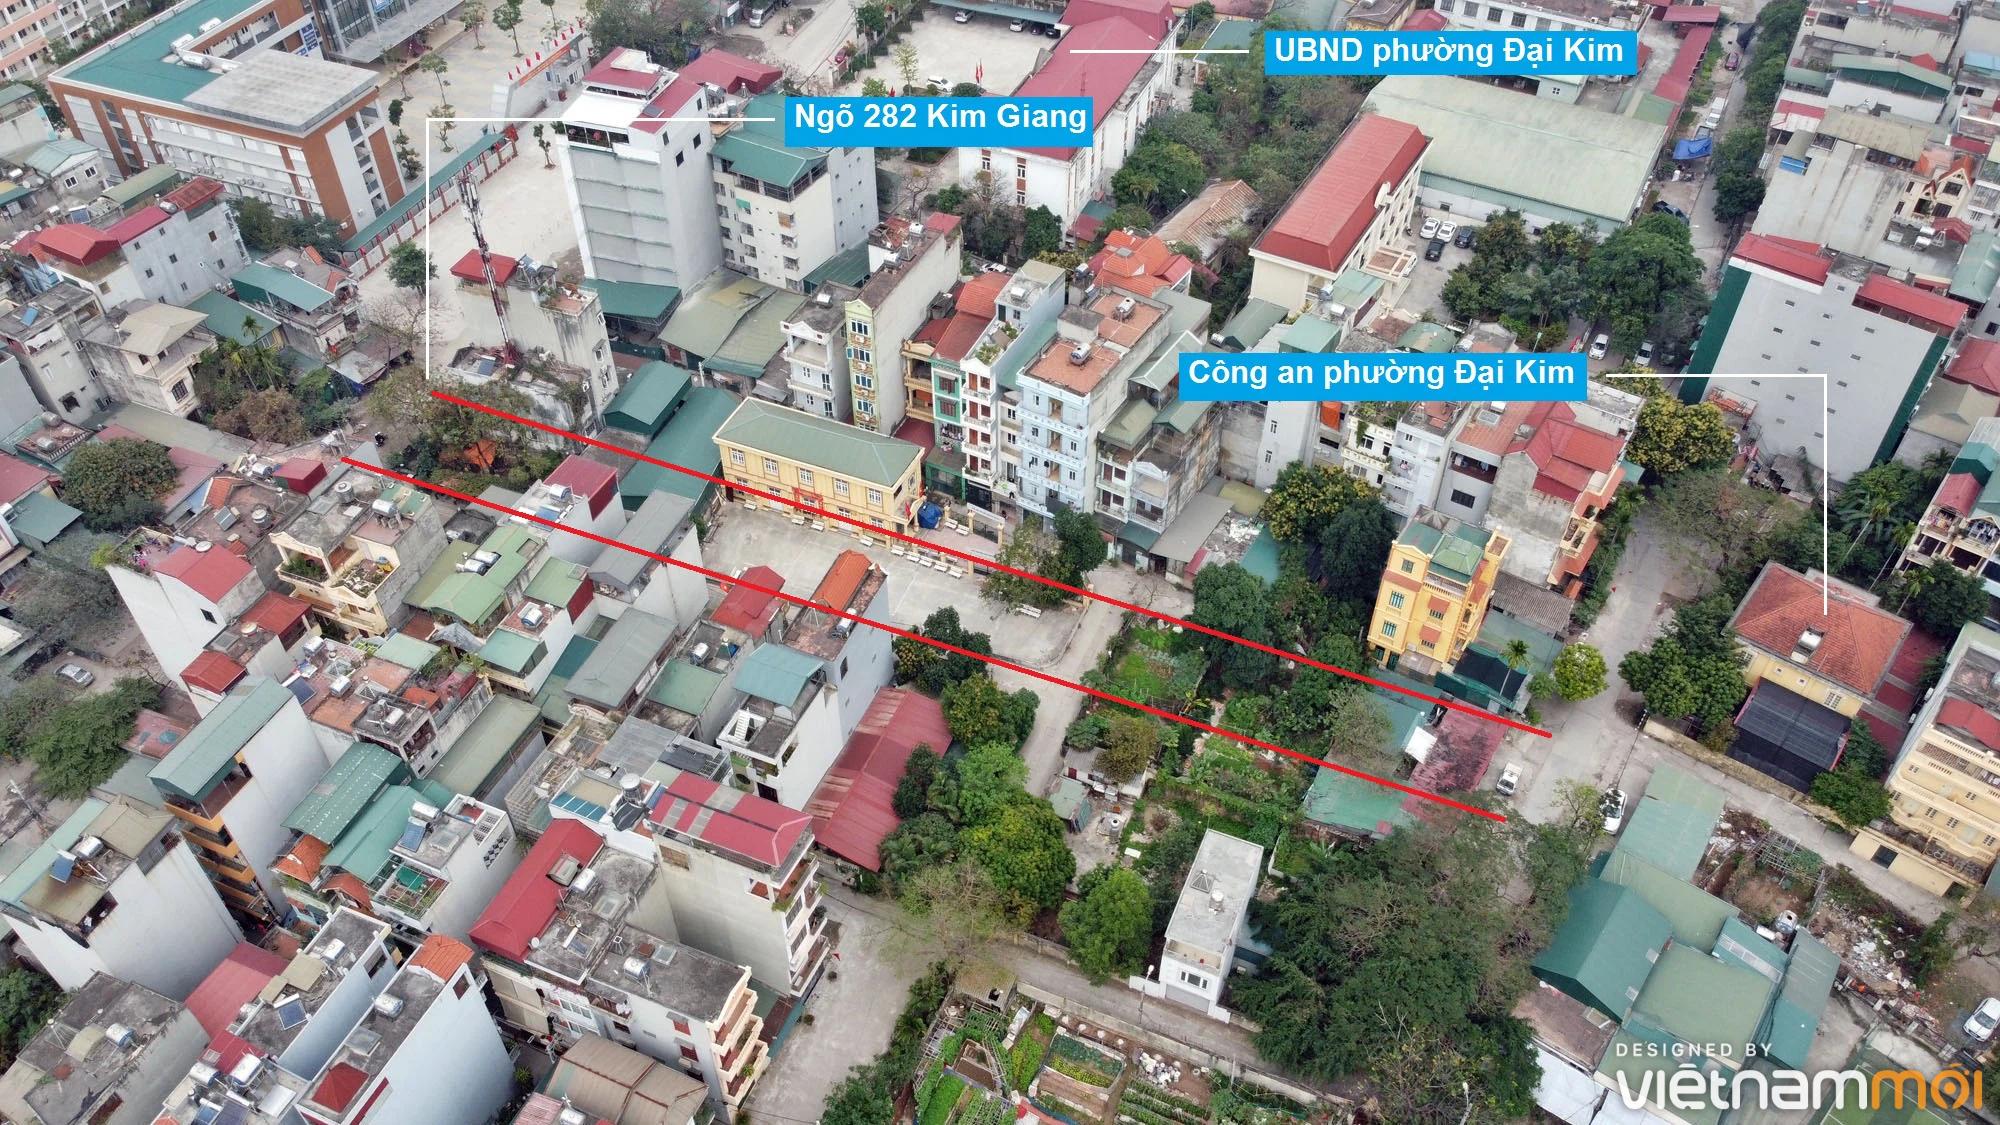 Đường sẽ mở theo quy hoạch ở phường Đại Kim, Hoàng Mai, Hà Nội (phần 3) - Ảnh 11.